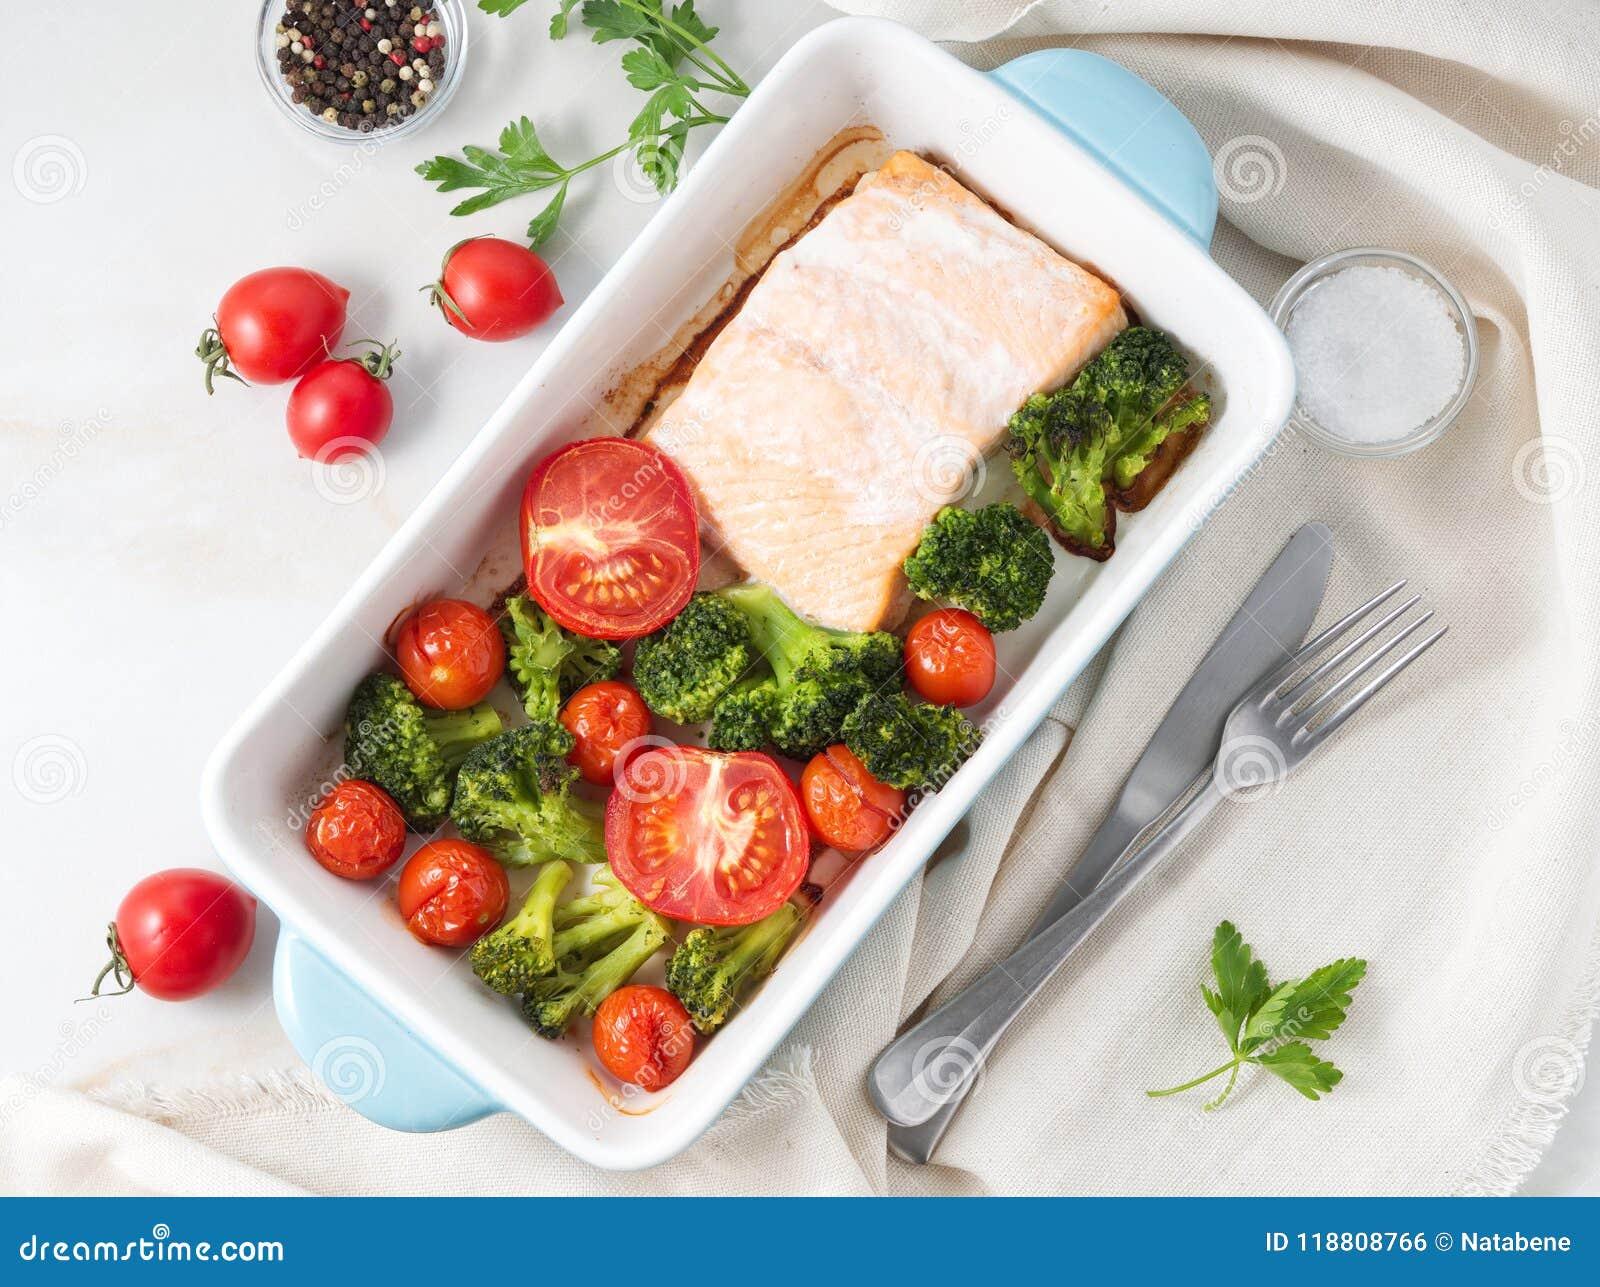 Fischen Sie die Lachse, die im Ofen mit Gemüse - Brokkoli, Tomaten gebacken werden Lebensmittel der gesunden Diät, weißer Marmorh